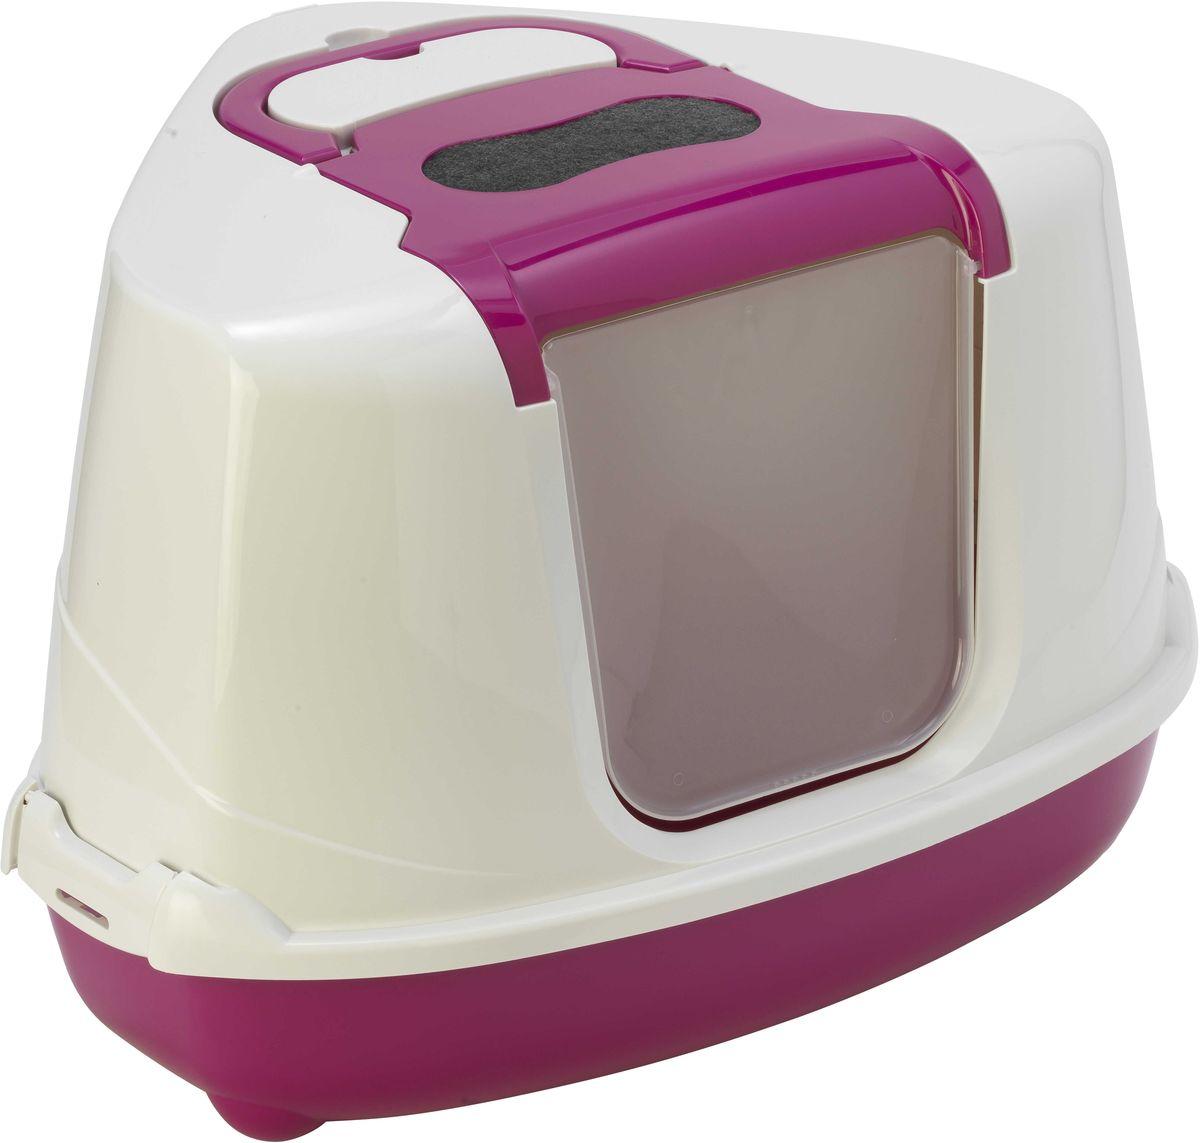 Туалет для кошек Moderna Flip Corner, закрытый, угловой, цвет: ярко-розовый, 56 х 45 х 39 см туалет moderna trendy cat домик для кошек с рисунком друзья навсегда 50 39 37